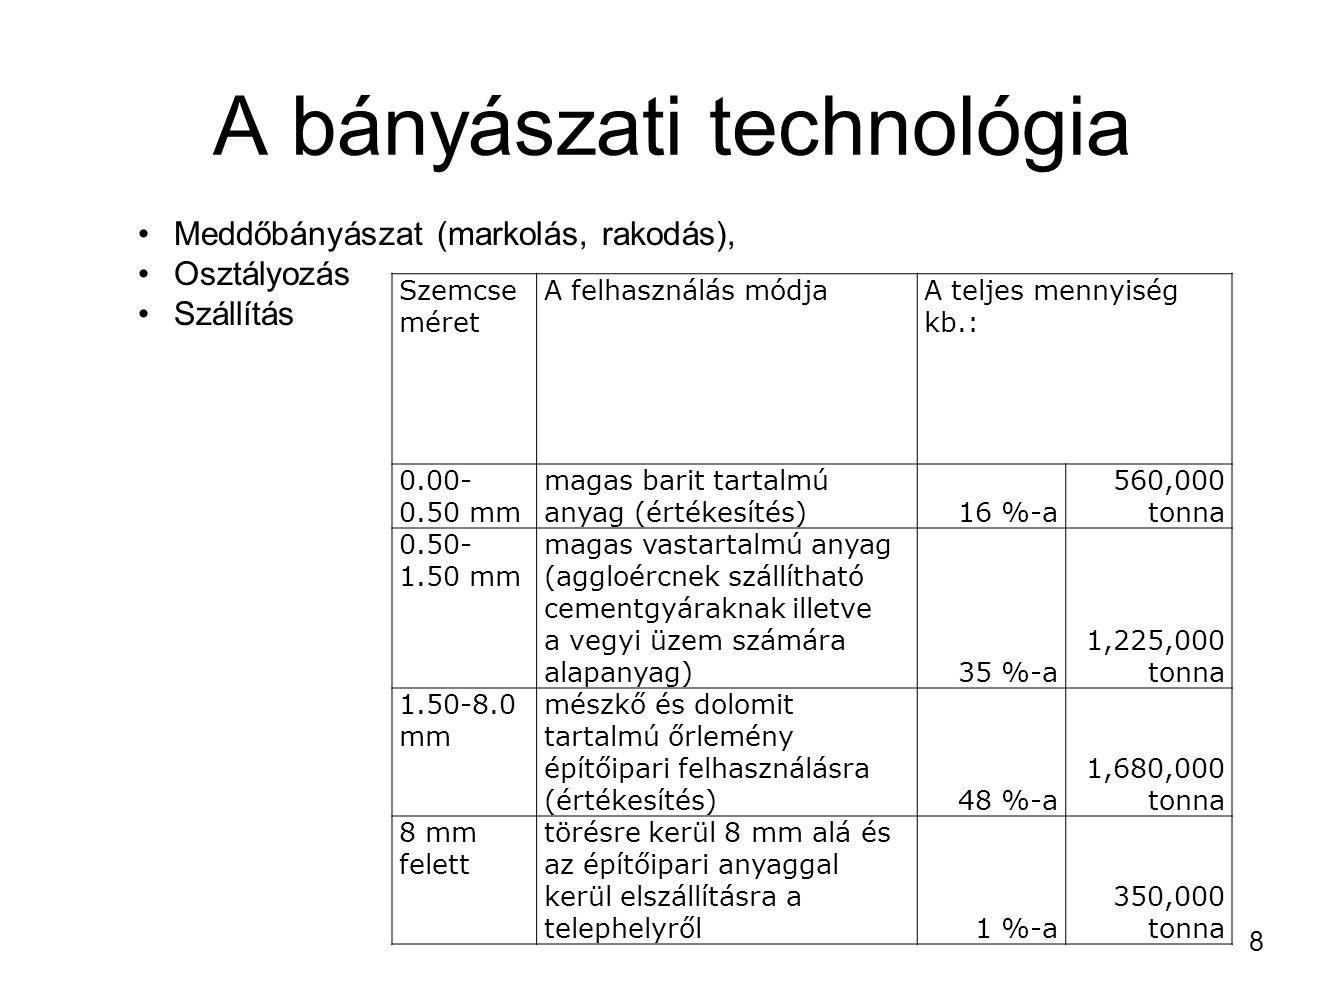 A bányászati technológia Szemcse méret A felhasználás módjaA teljes mennyiség kb.: 0.00- 0.50 mm magas barit tartalmú anyag (értékesítés) 16 %-a 560,0